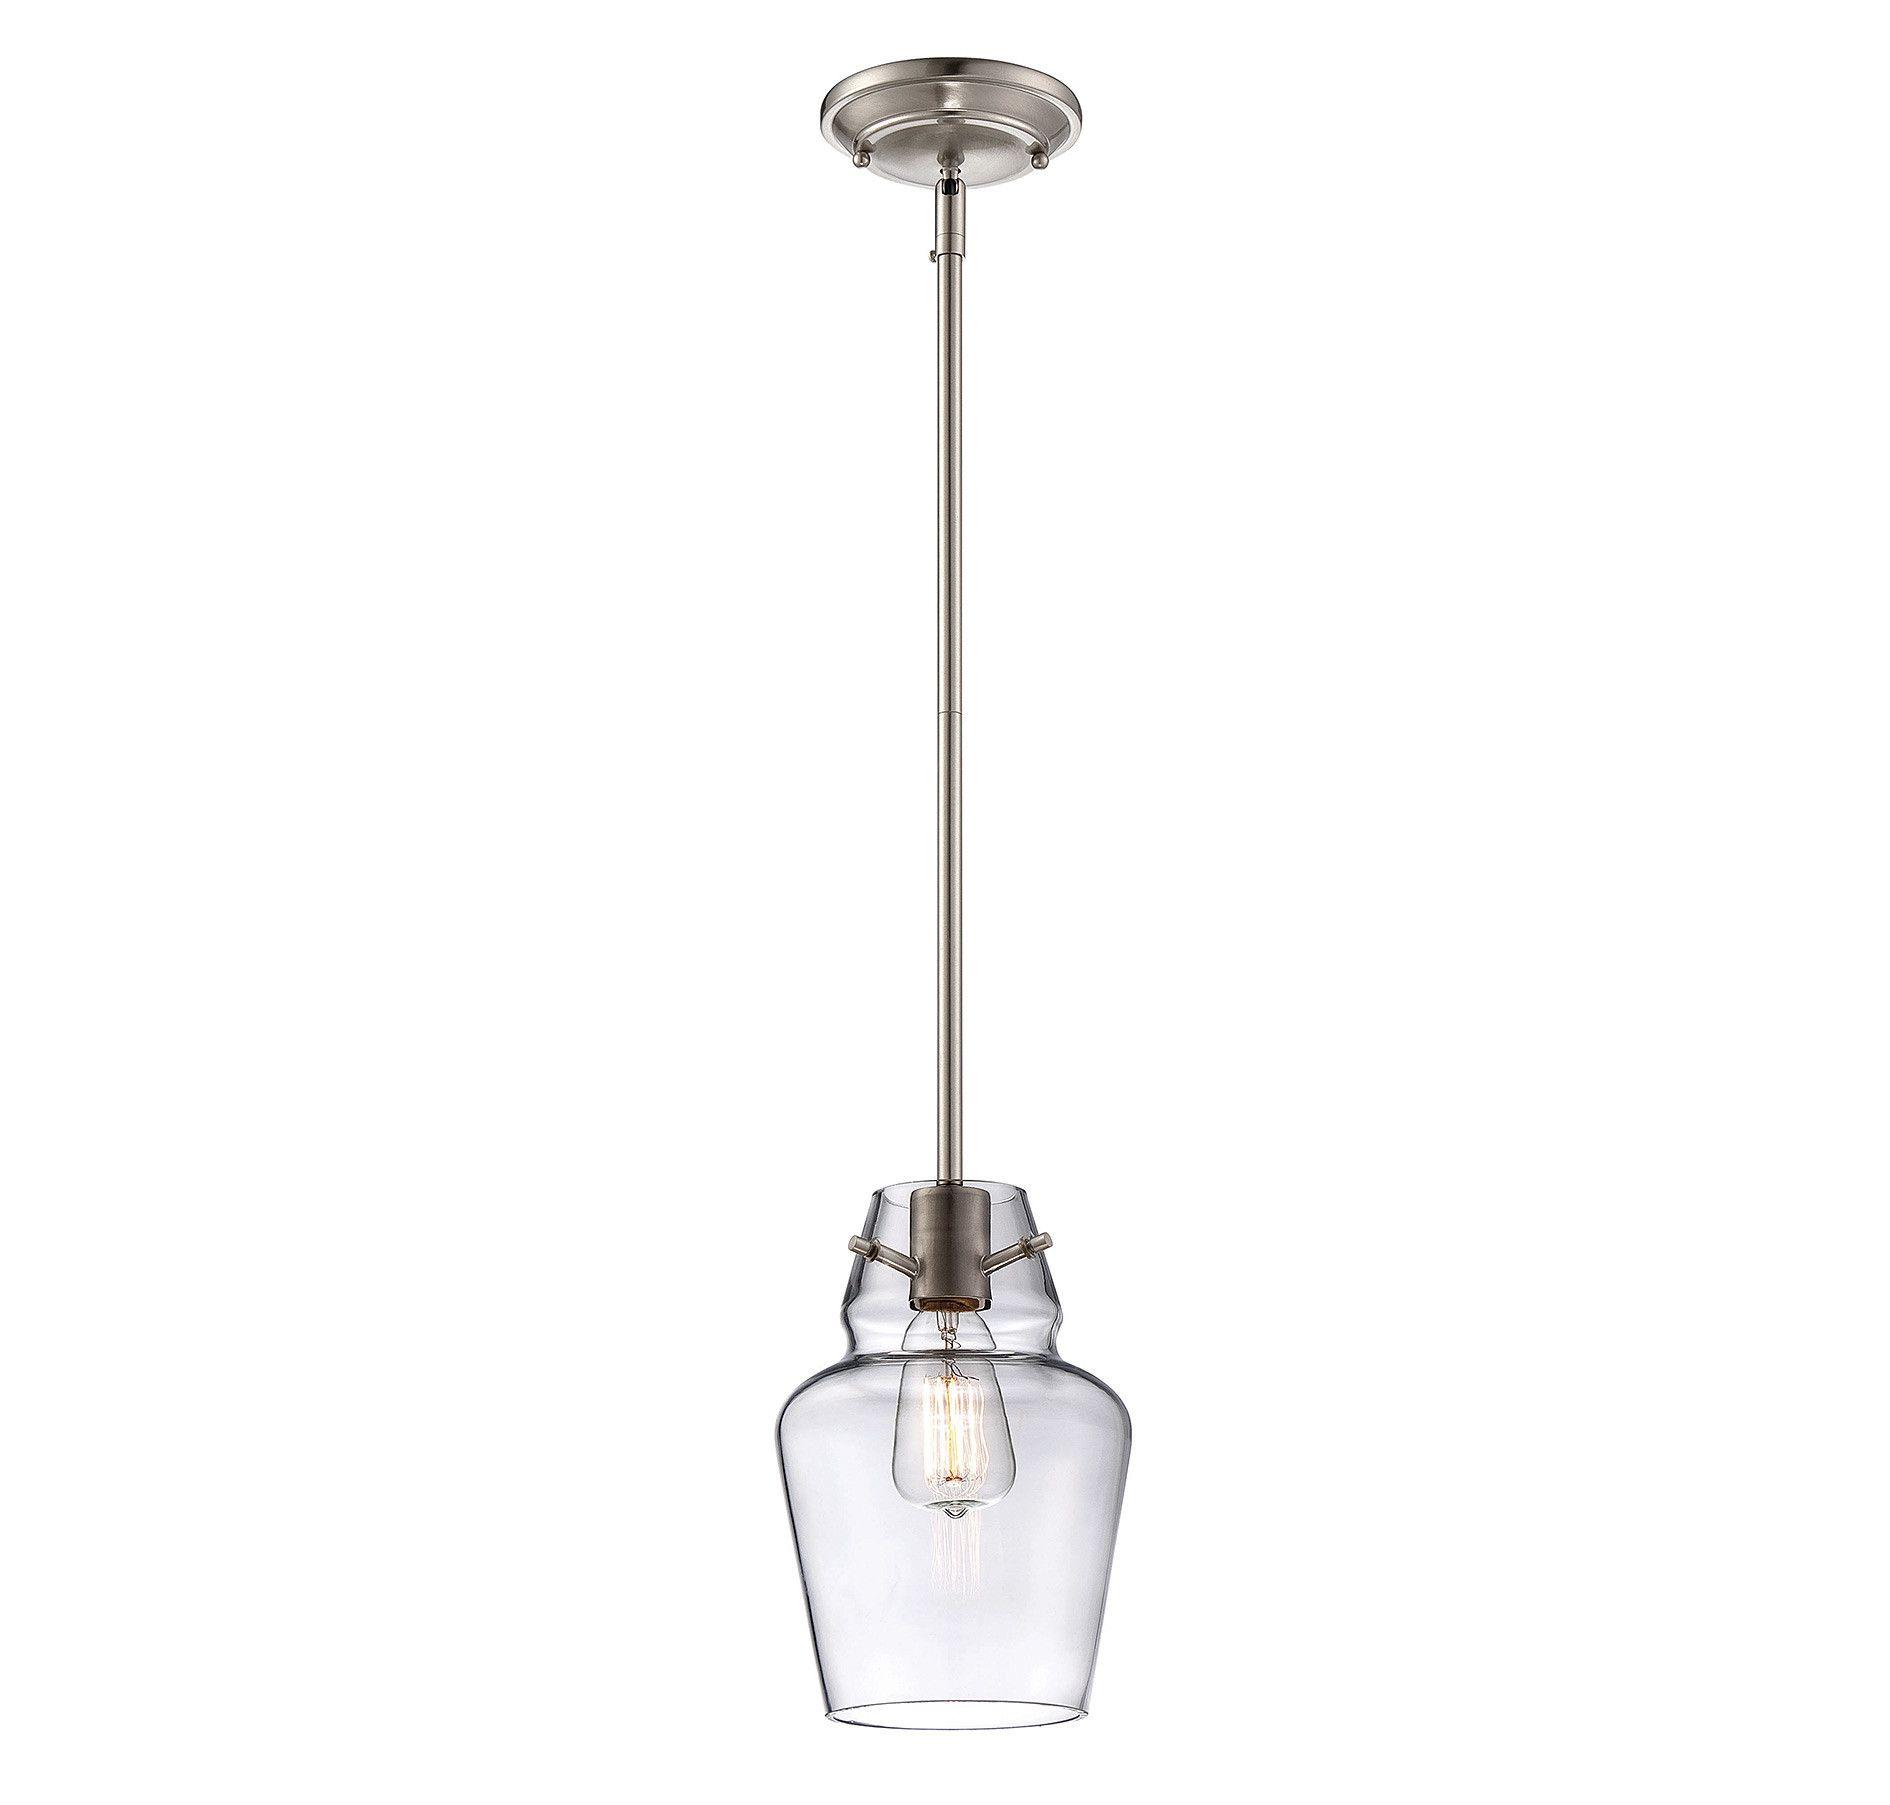 Varick gallery roslindale light mini pendant u reviews wayfair